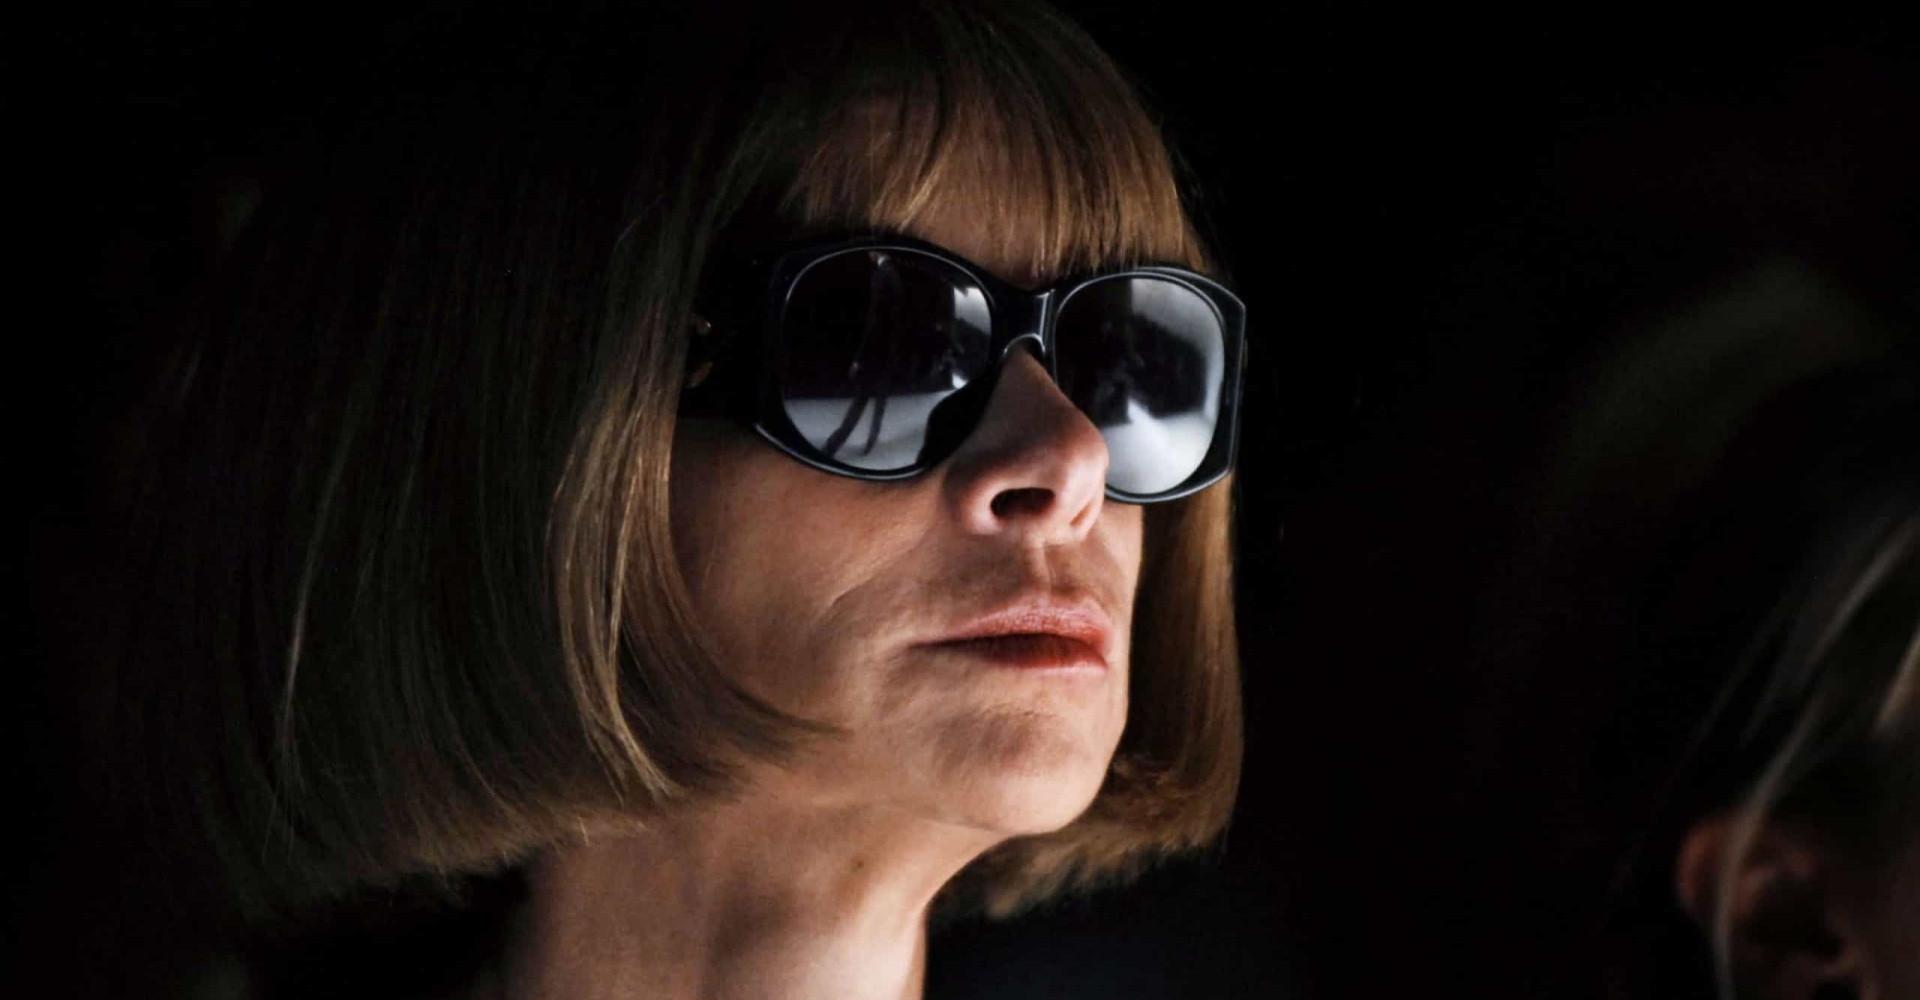 Que cache Anna Wintour derrière ses lunettes?